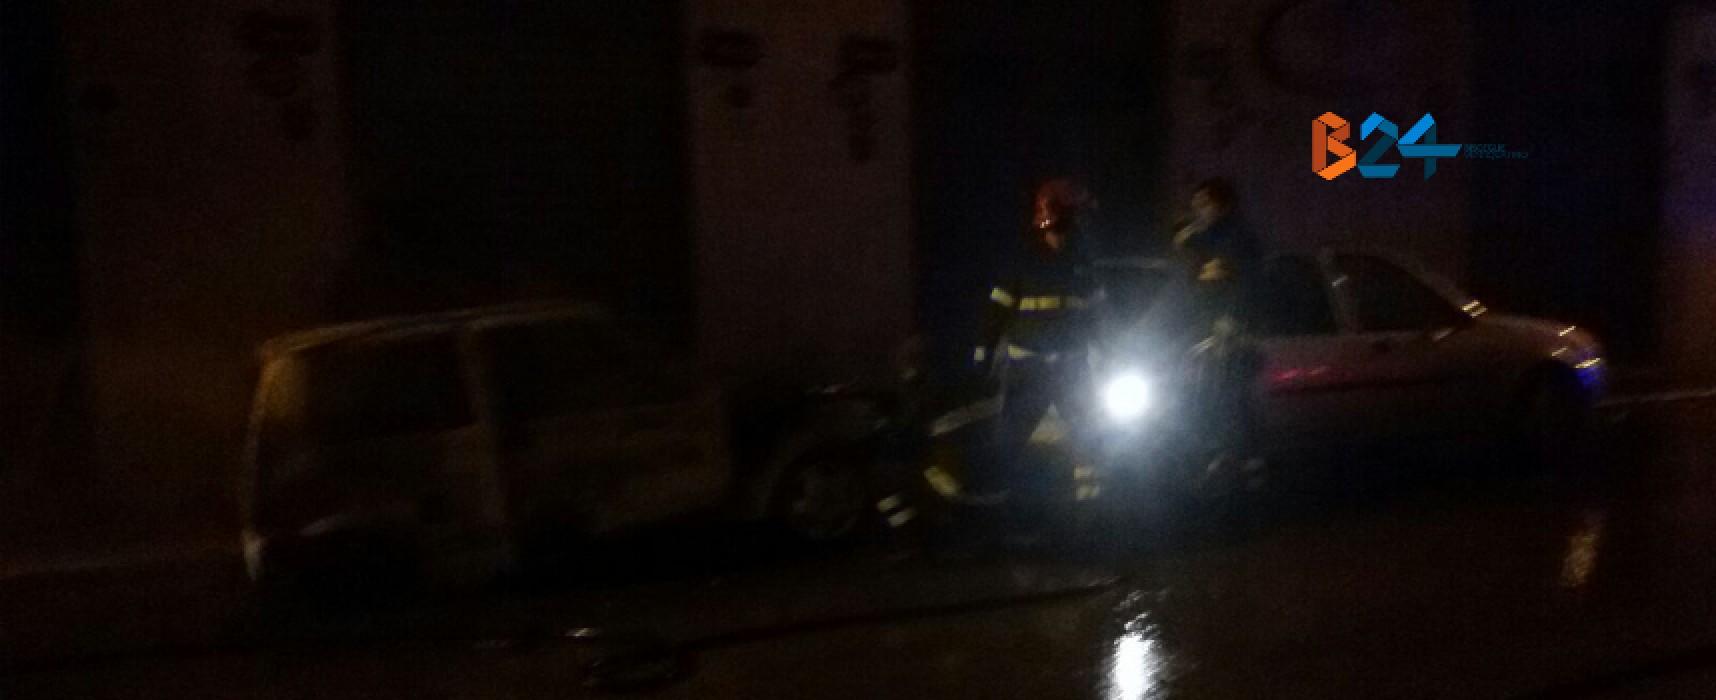 Via Curtopassi e via Monterisi, due auto in fiamme nella notte / FOTO